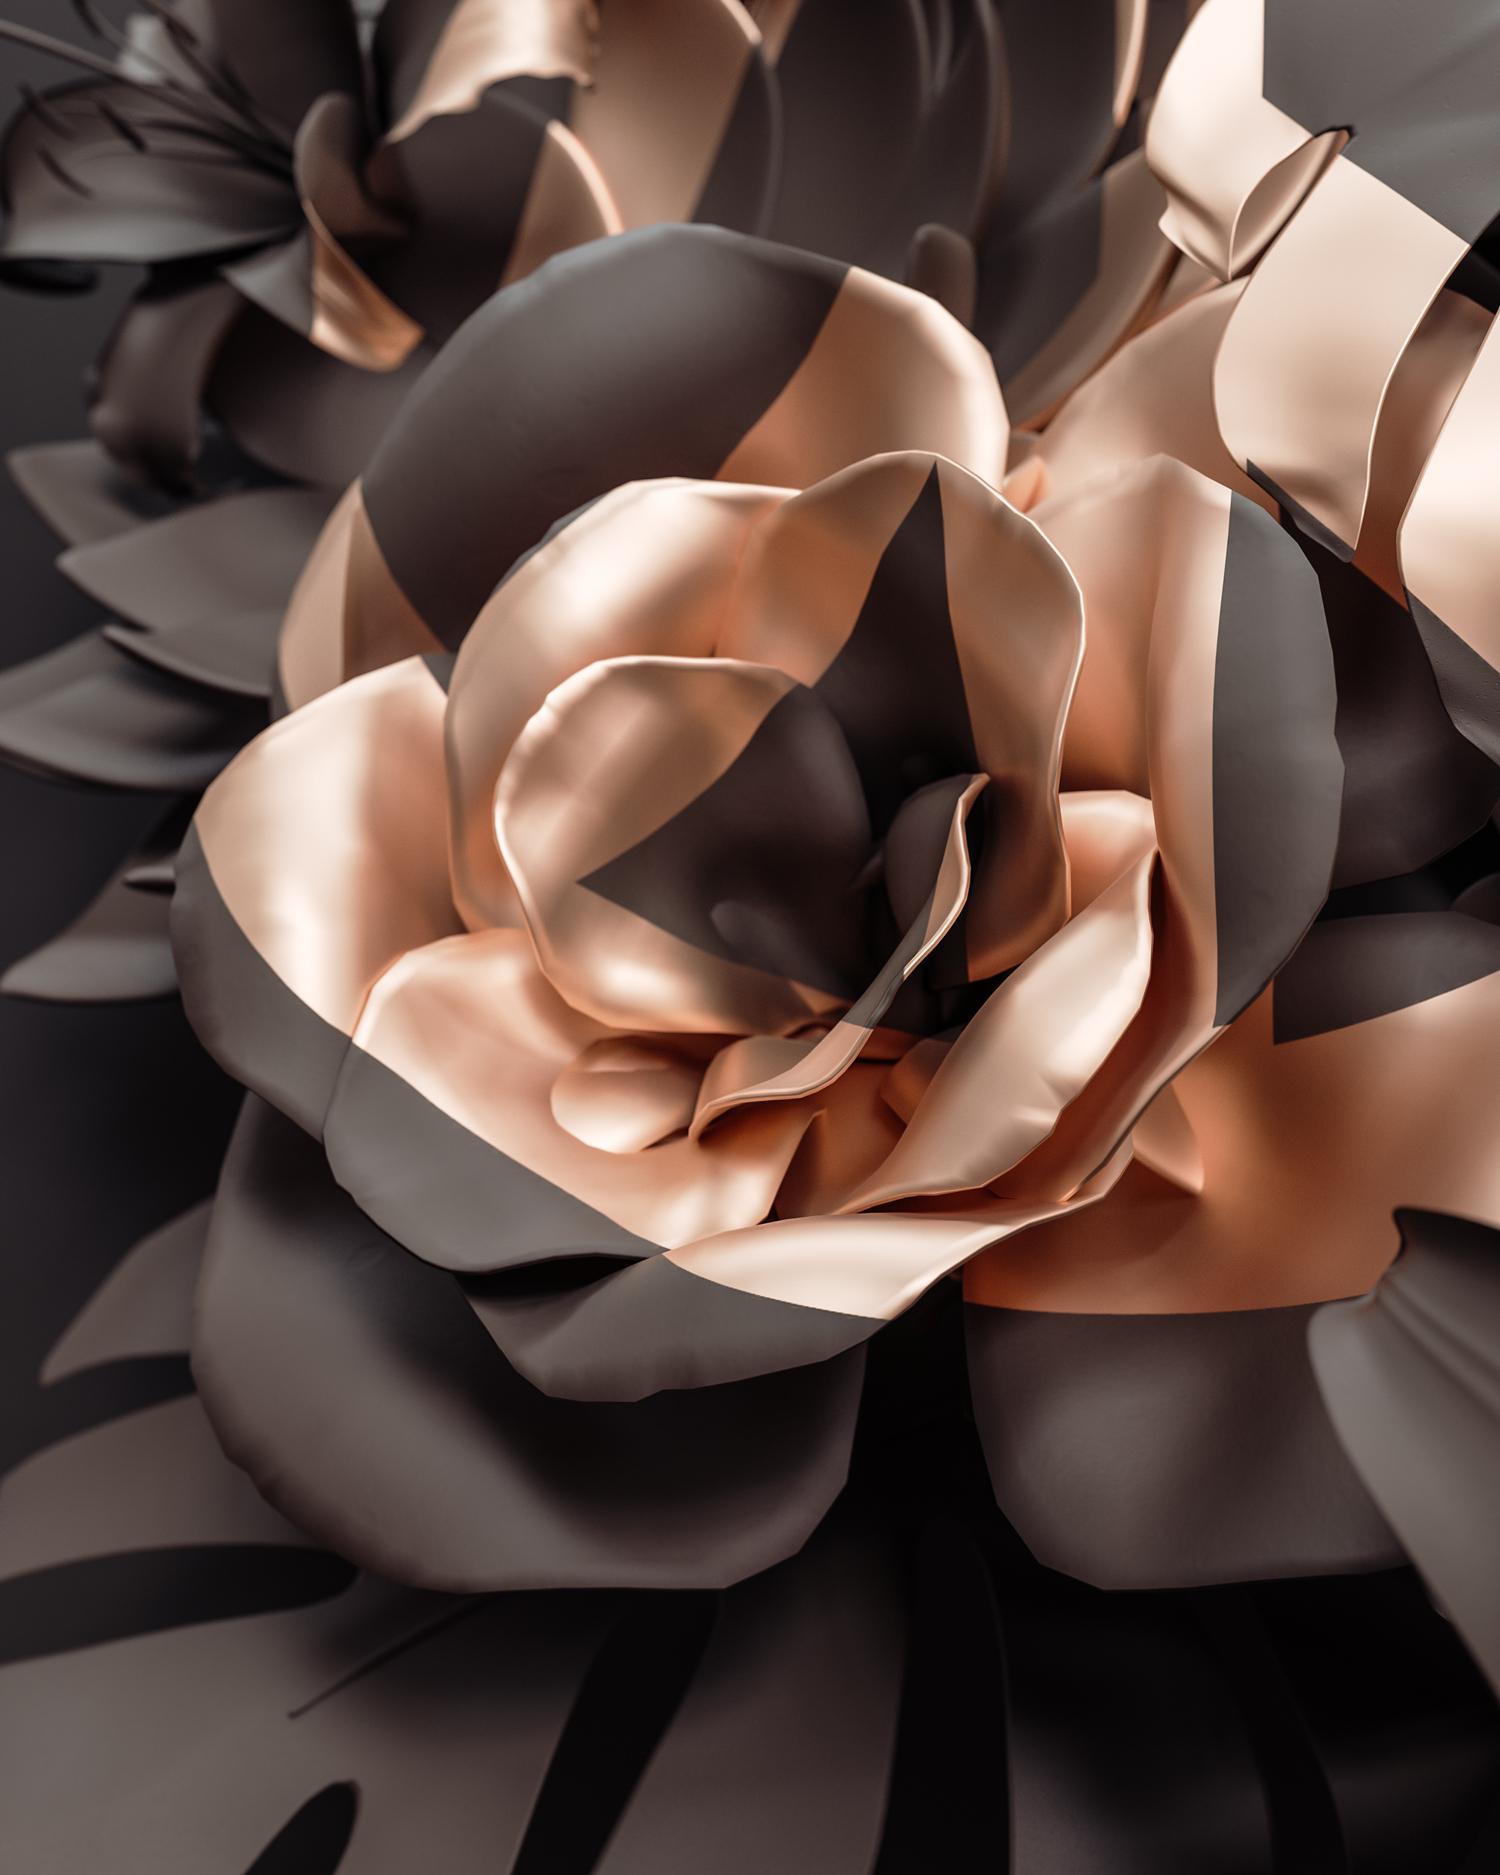 AnamorphicSculptures_Peace_Ben-Fearnley-DOF-01.jpg